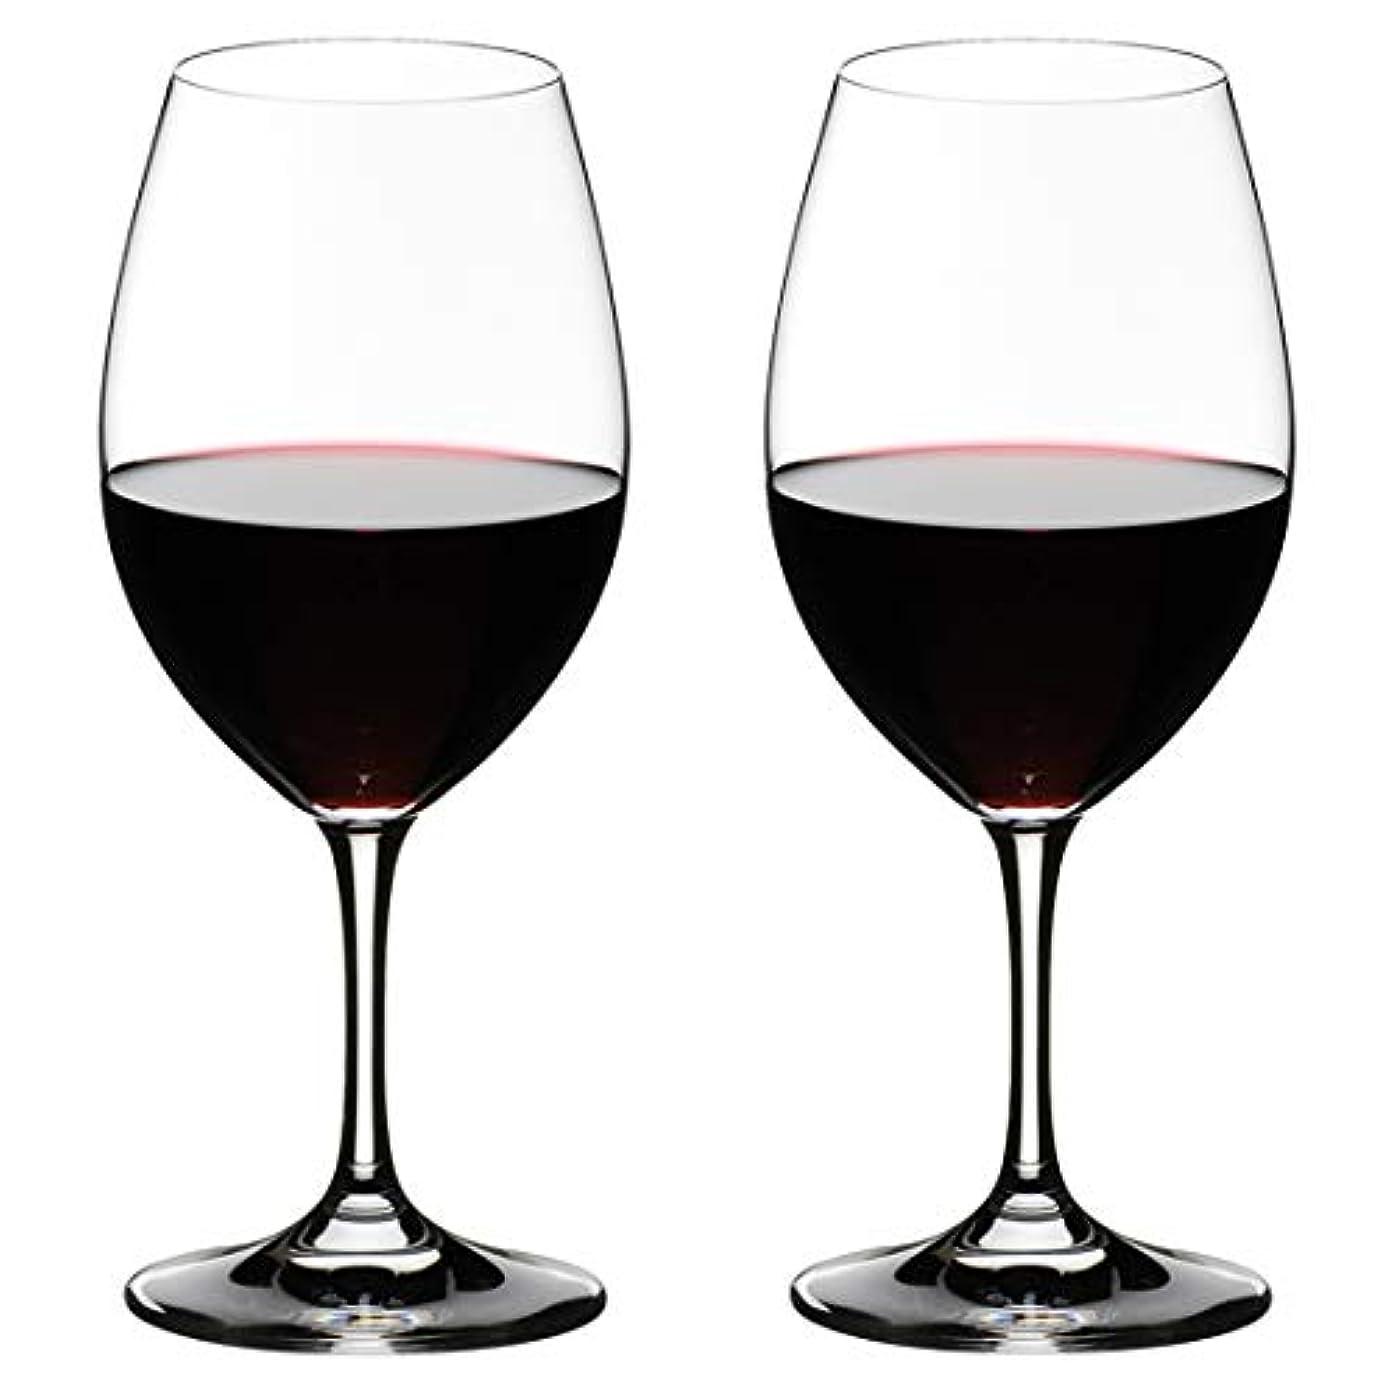 [正規品] RIEDEL リーデル 赤ワイン グラス ペアセット オヴァチュア レッドワイン 350ml 6408/00